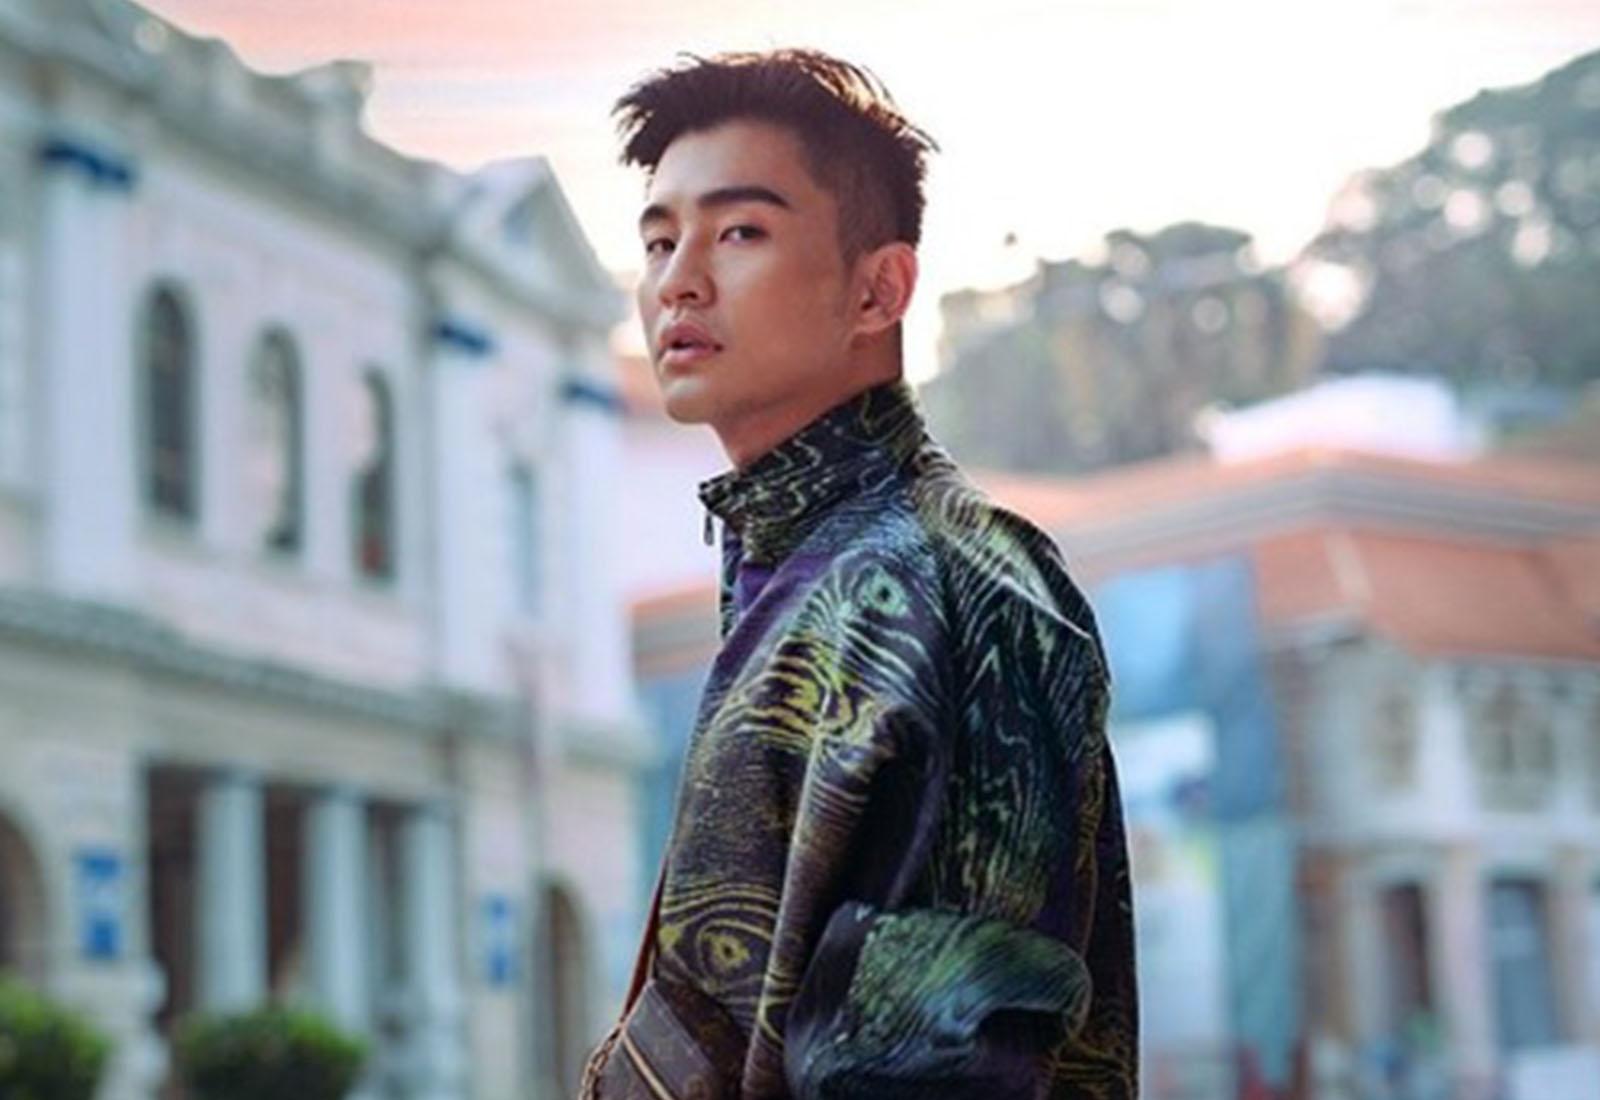 Photo of Fokus Bidang Nyanyian, Alvin Chong Tampil Single Tak Terganti